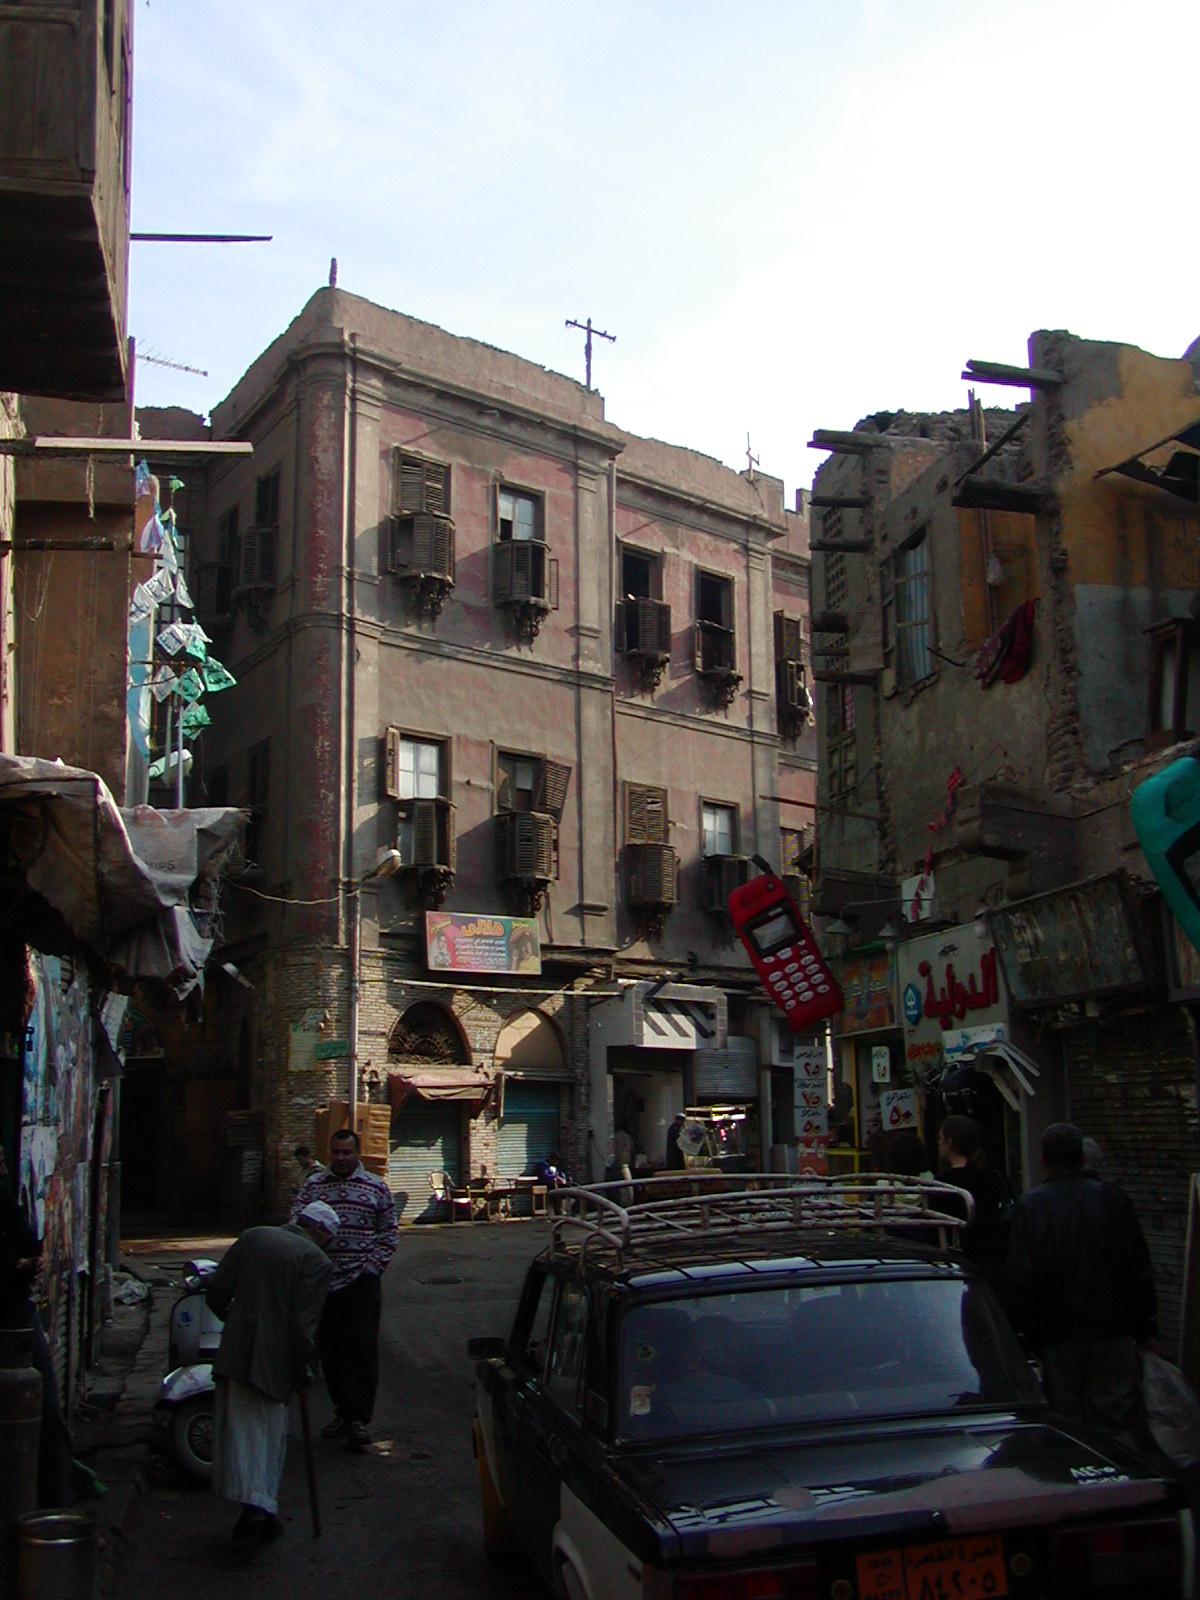 Cairo - 2004-01-19-133704